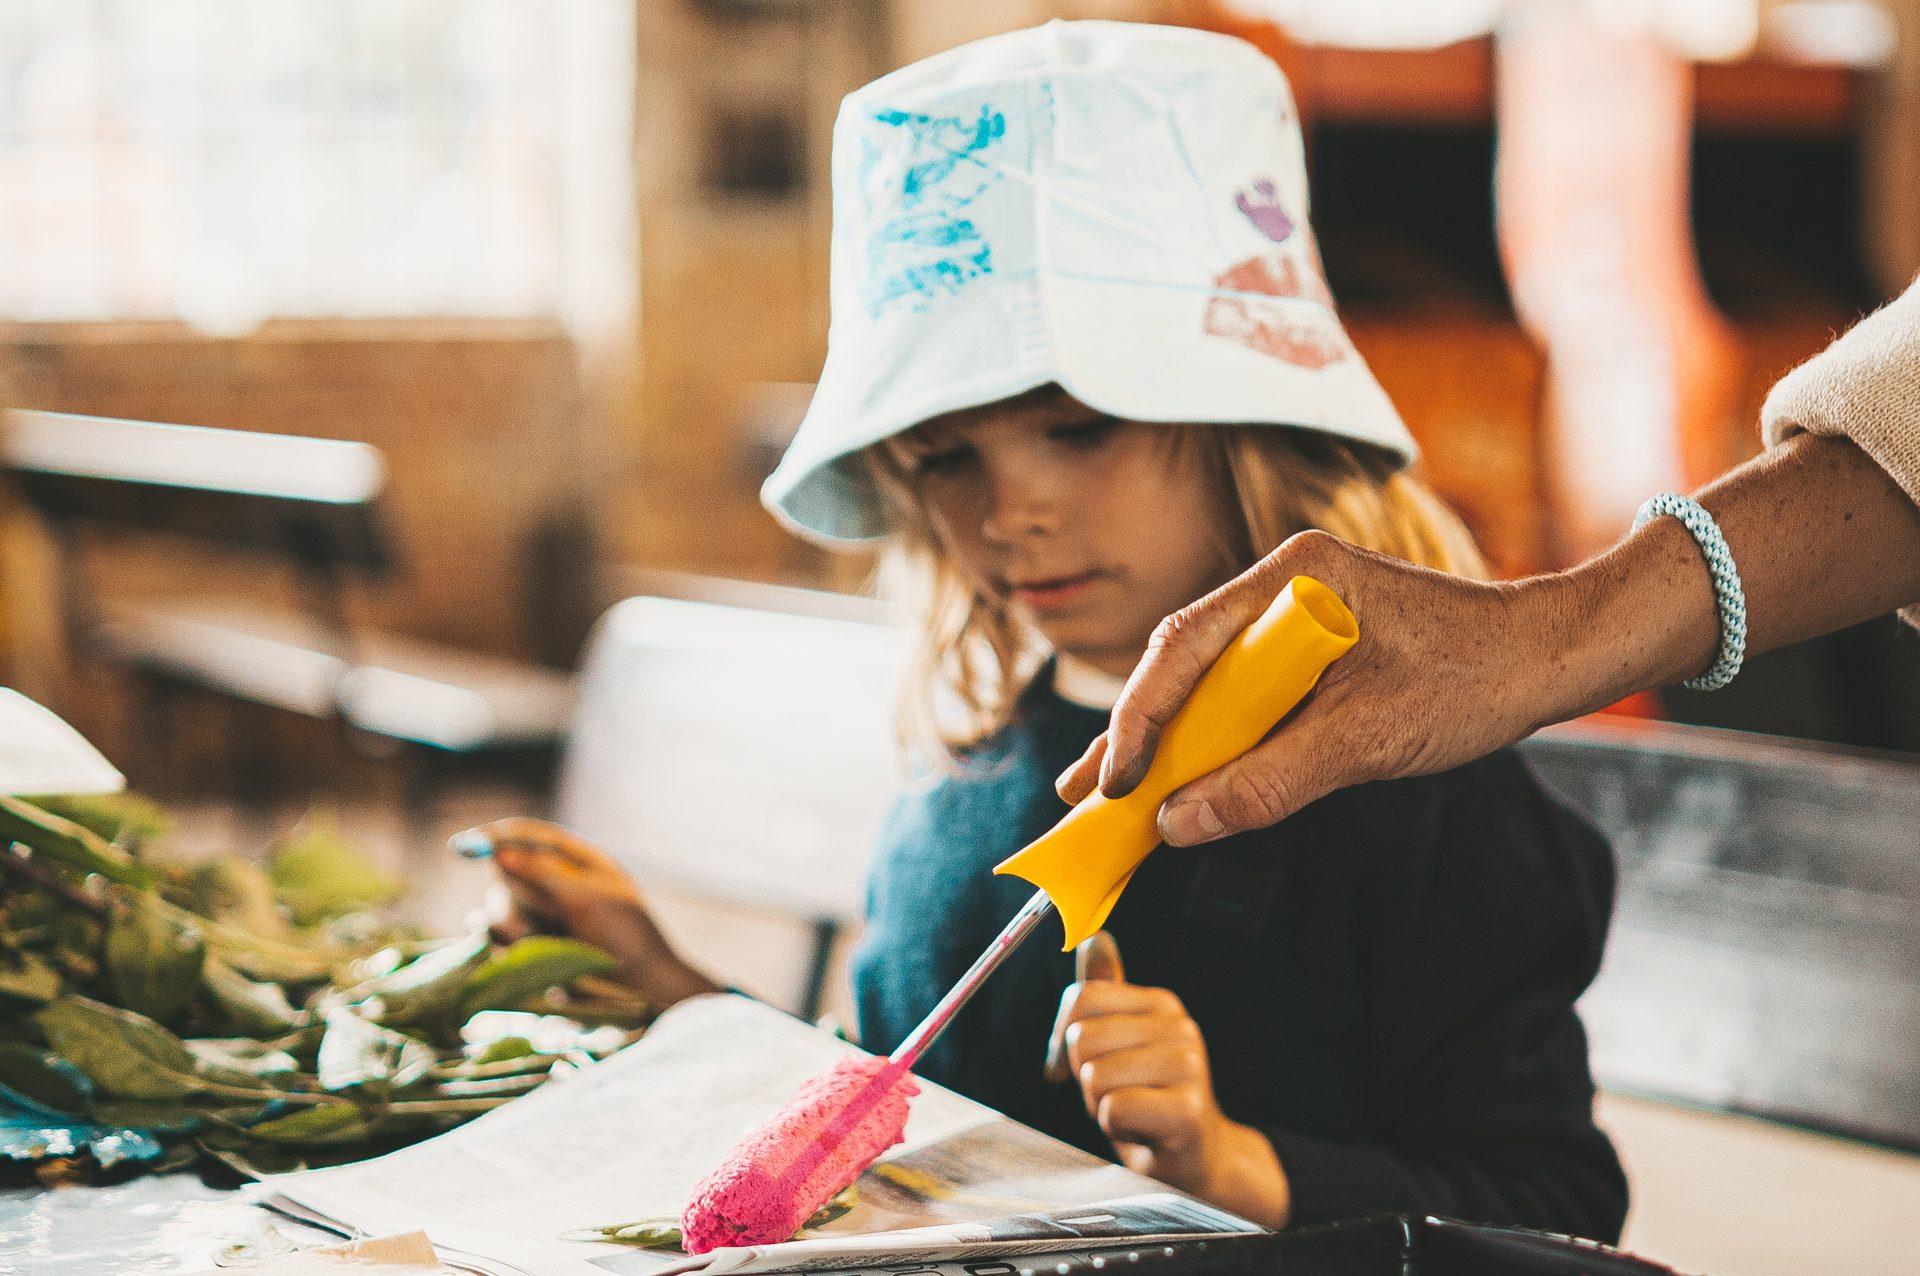 børn, efterårsferie, maling (Foto: PR Broens Gadekøkken)